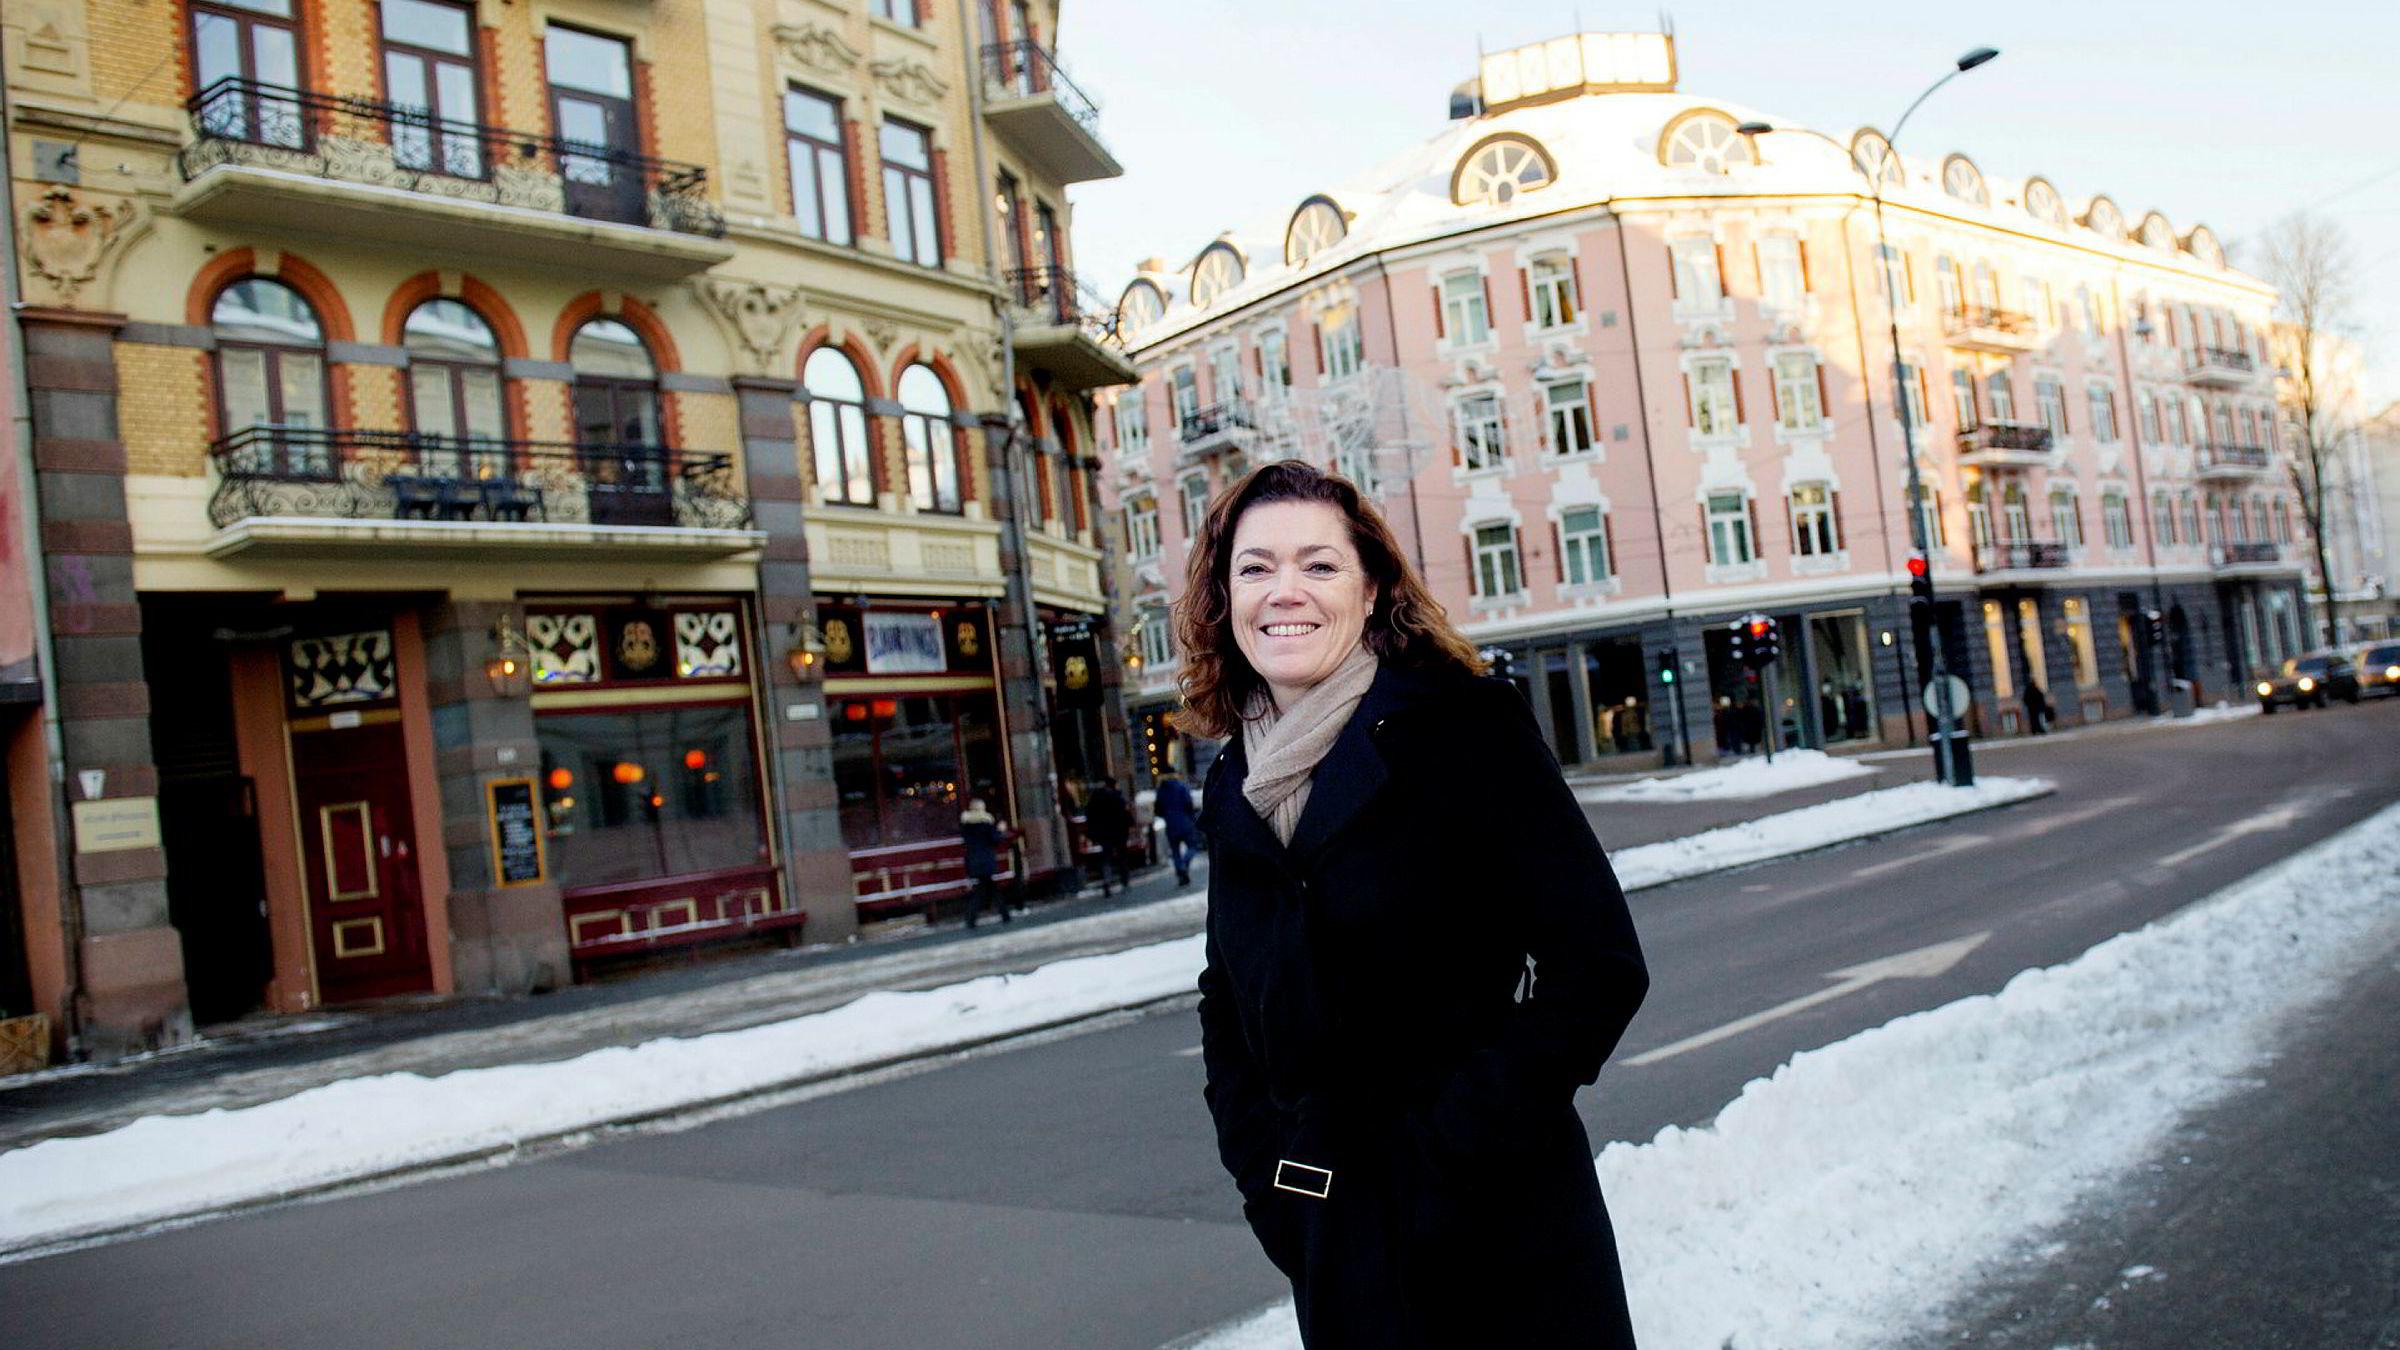 NHO-sjef Kristin Skogen Lund synes det er en god idé å belønne arbeidstagere som får barn med 25.000 kroner ekstra.